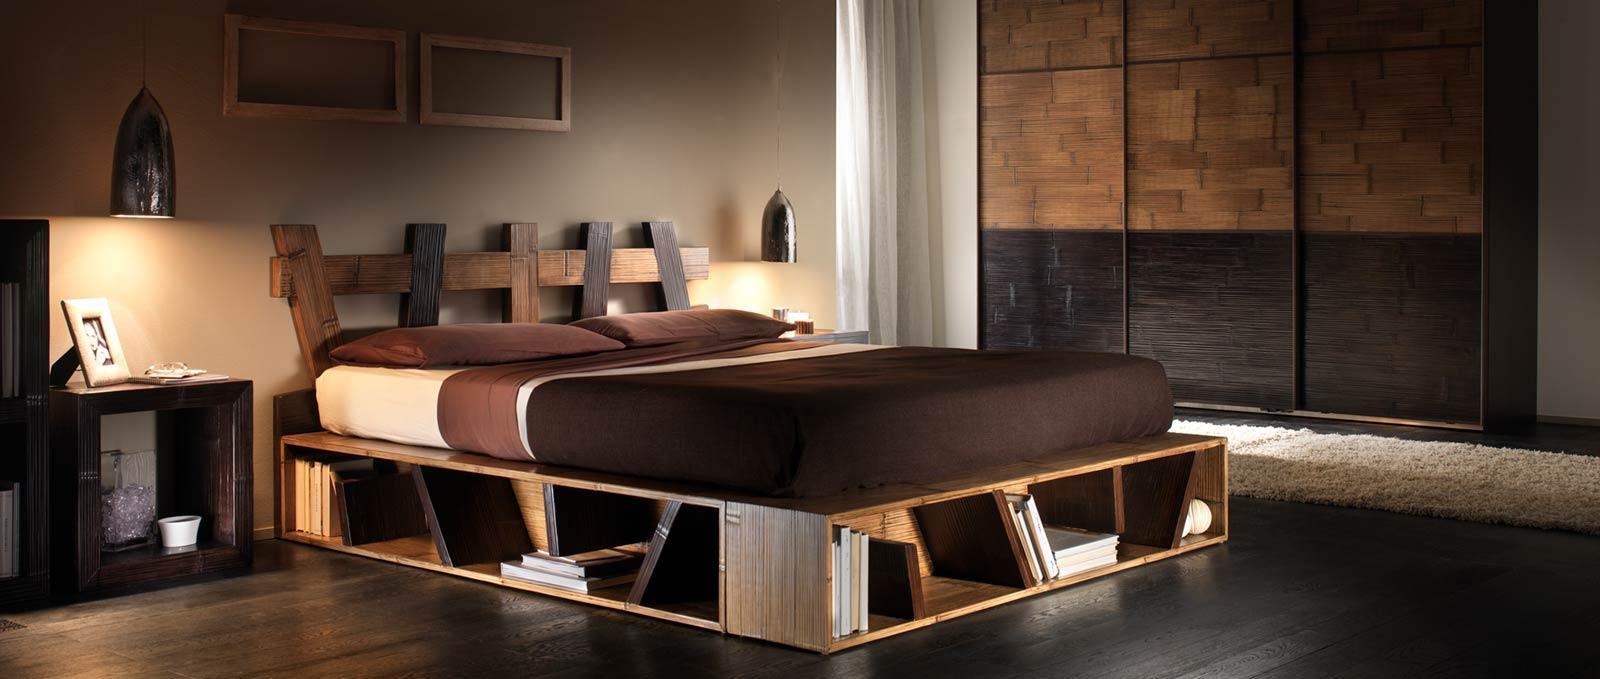 Meubles en teck, bois, meubles exotiques bambou & décoration exotique